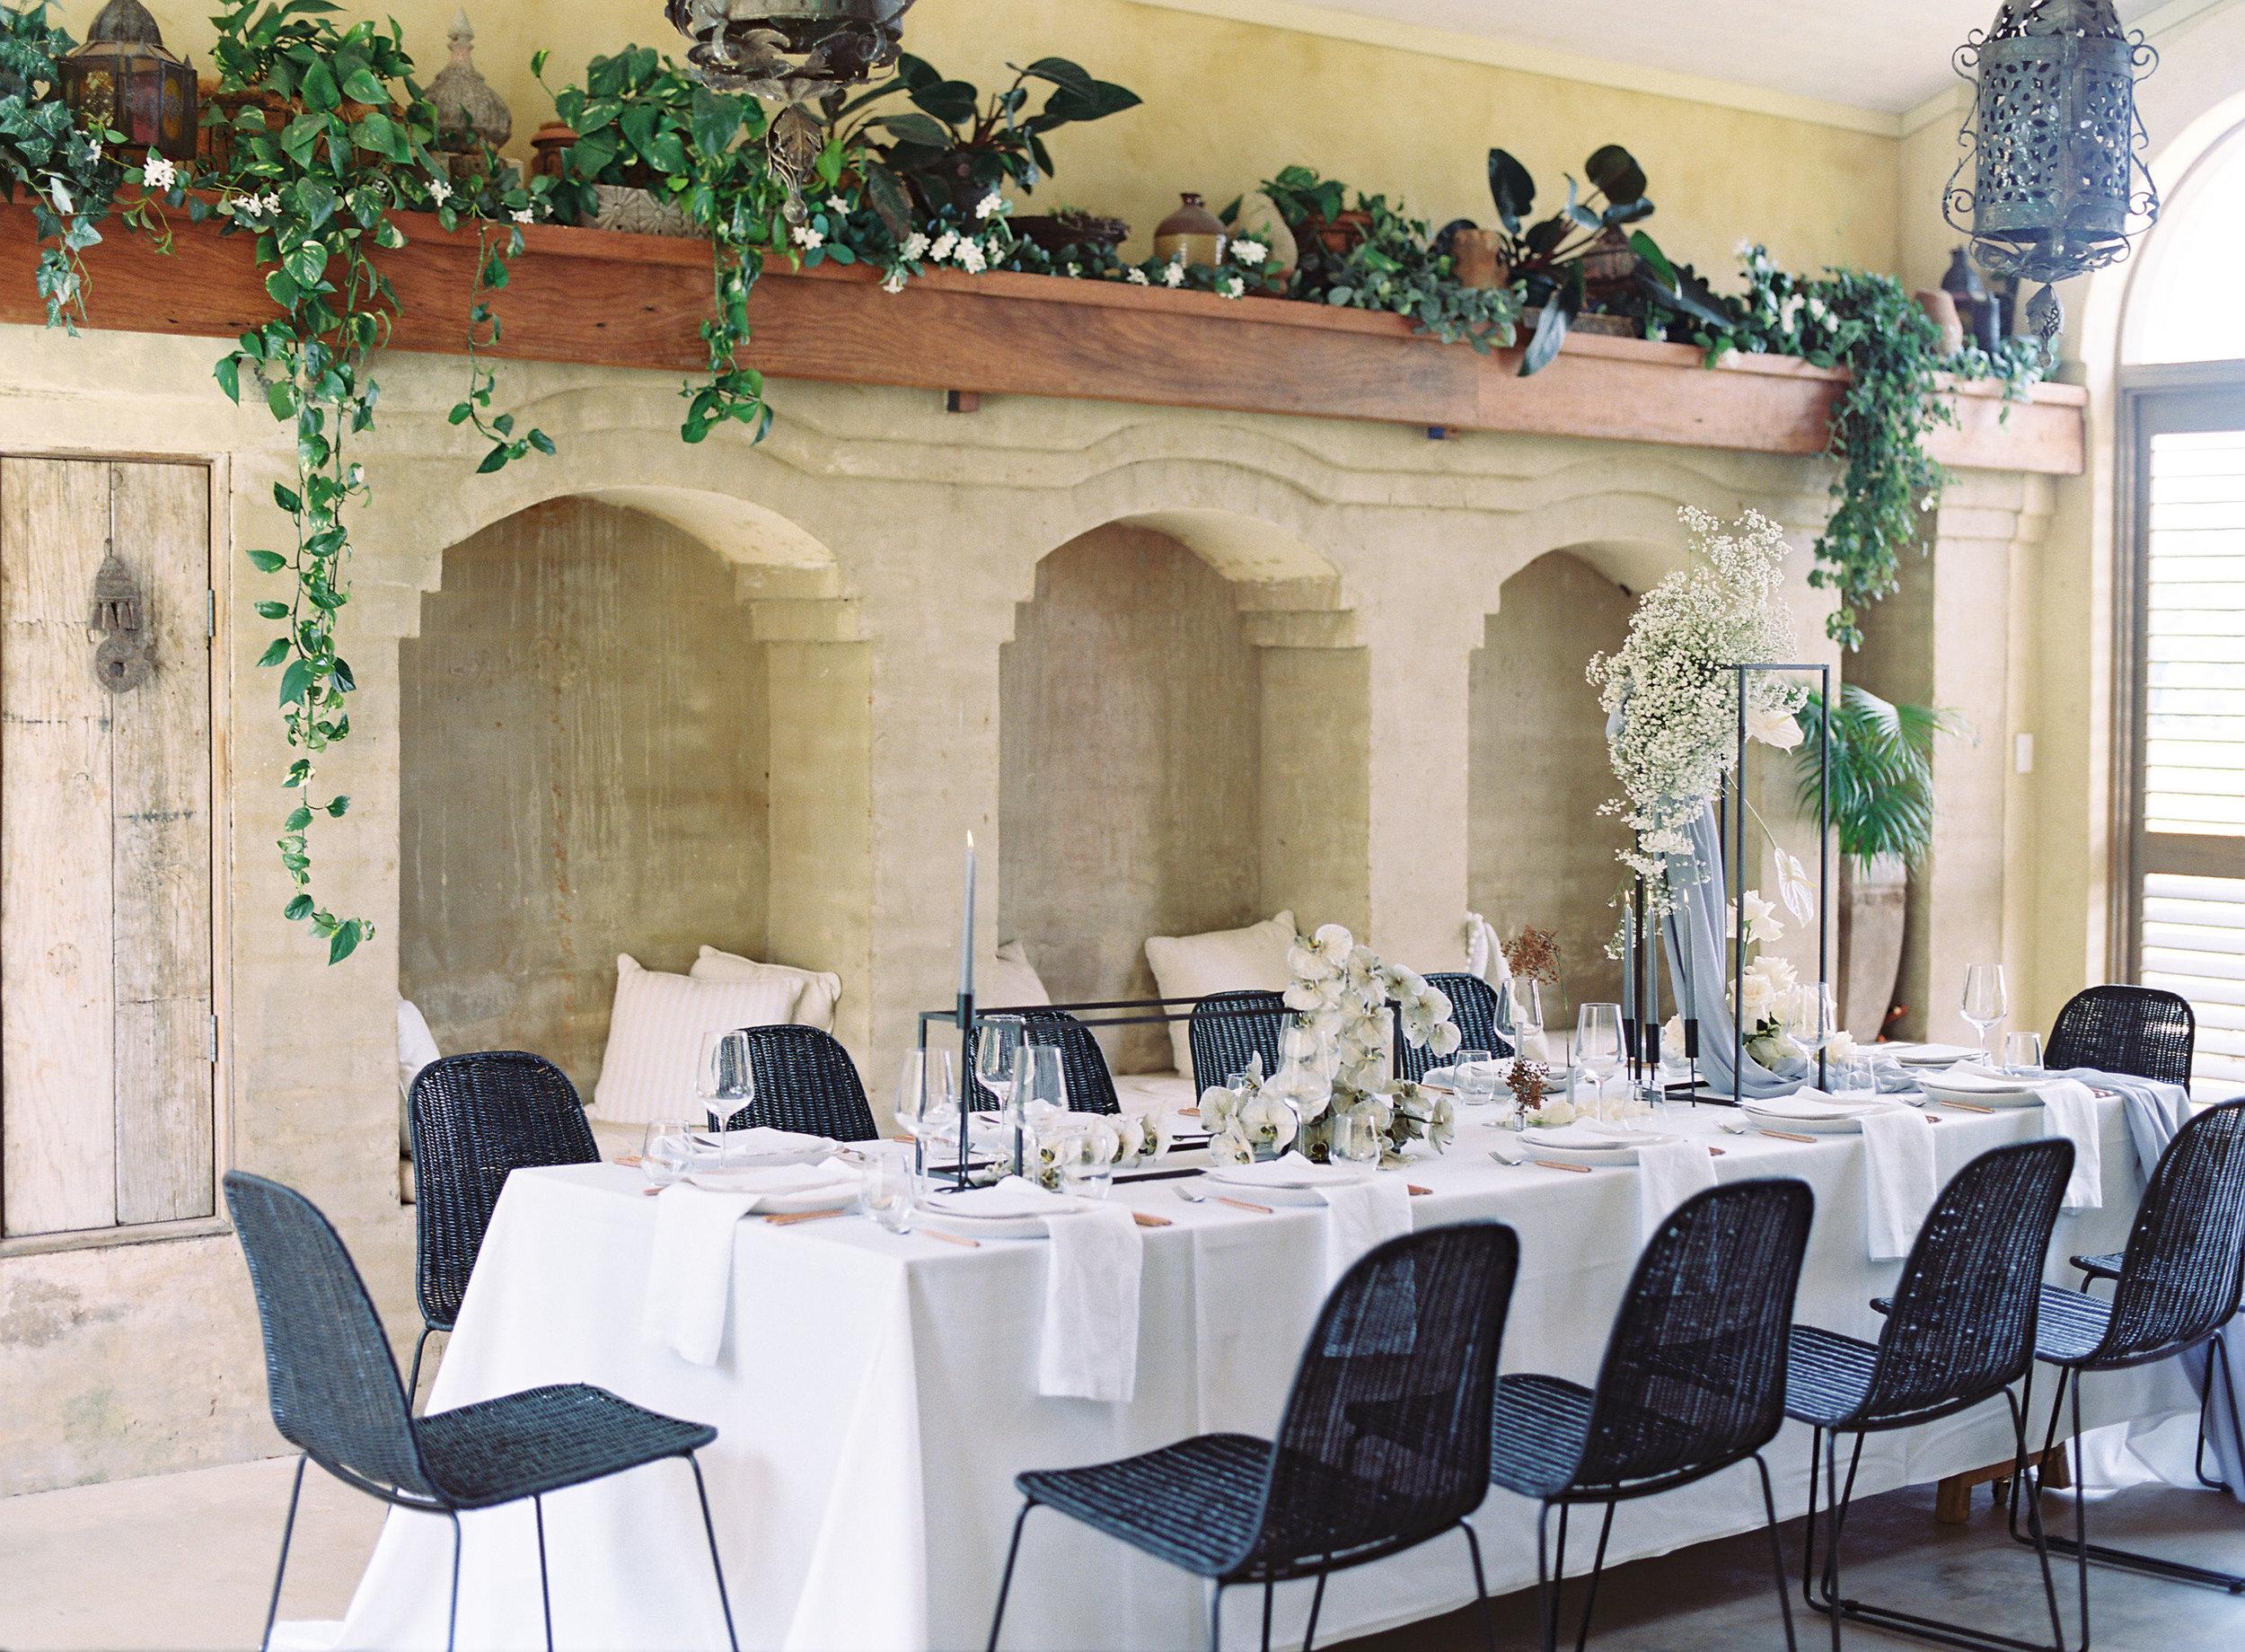 Bloodwood Botanica | villa rustica harpers bazaar tablescape